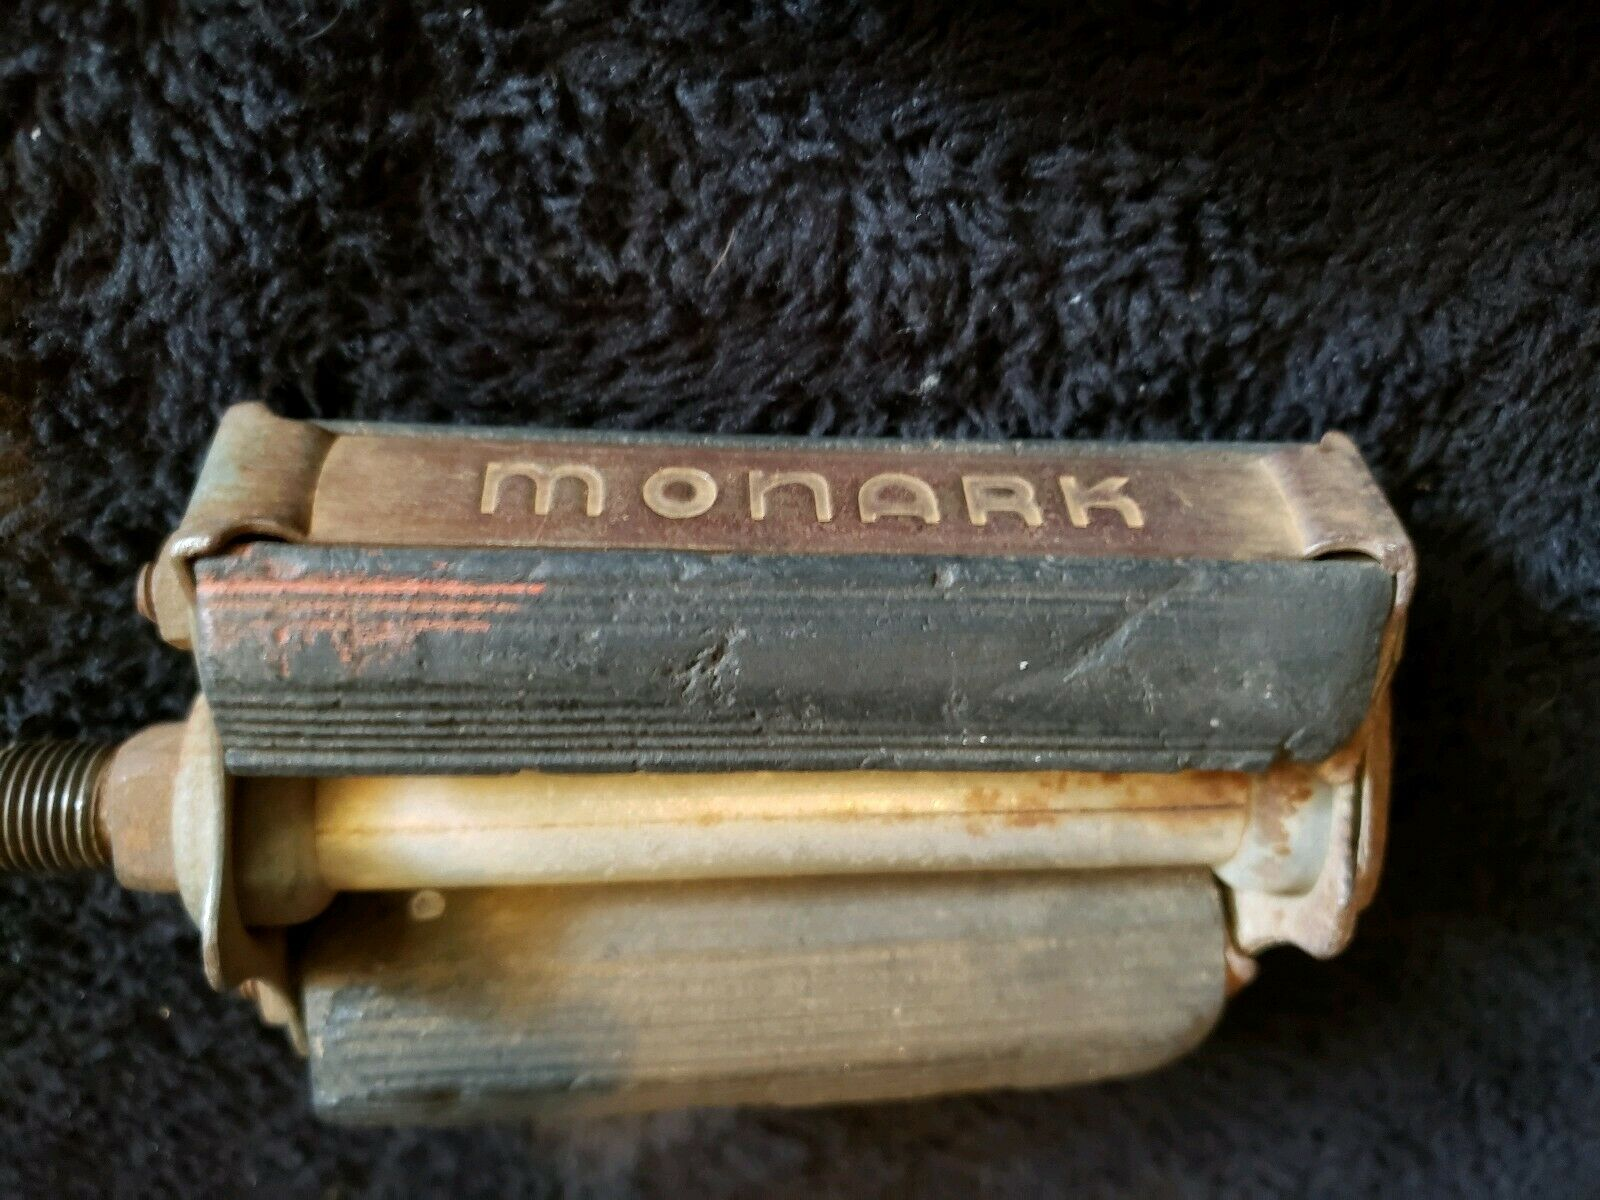 monark pedal.jpg